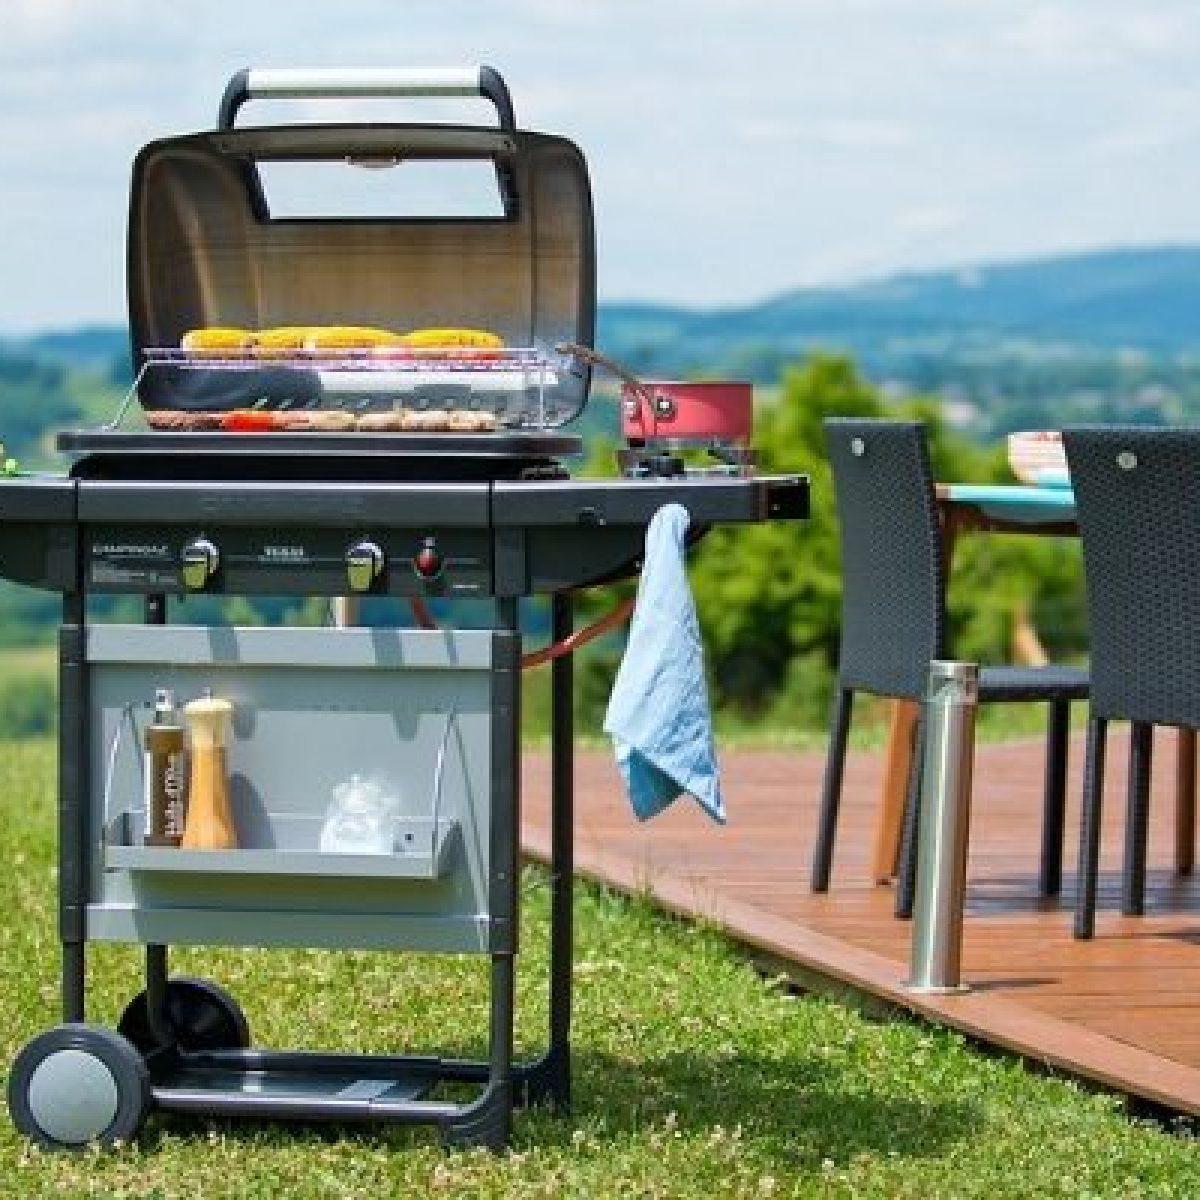 Migliori Barbecue A Gas Classifica 2019 E Guida Alla Scelta